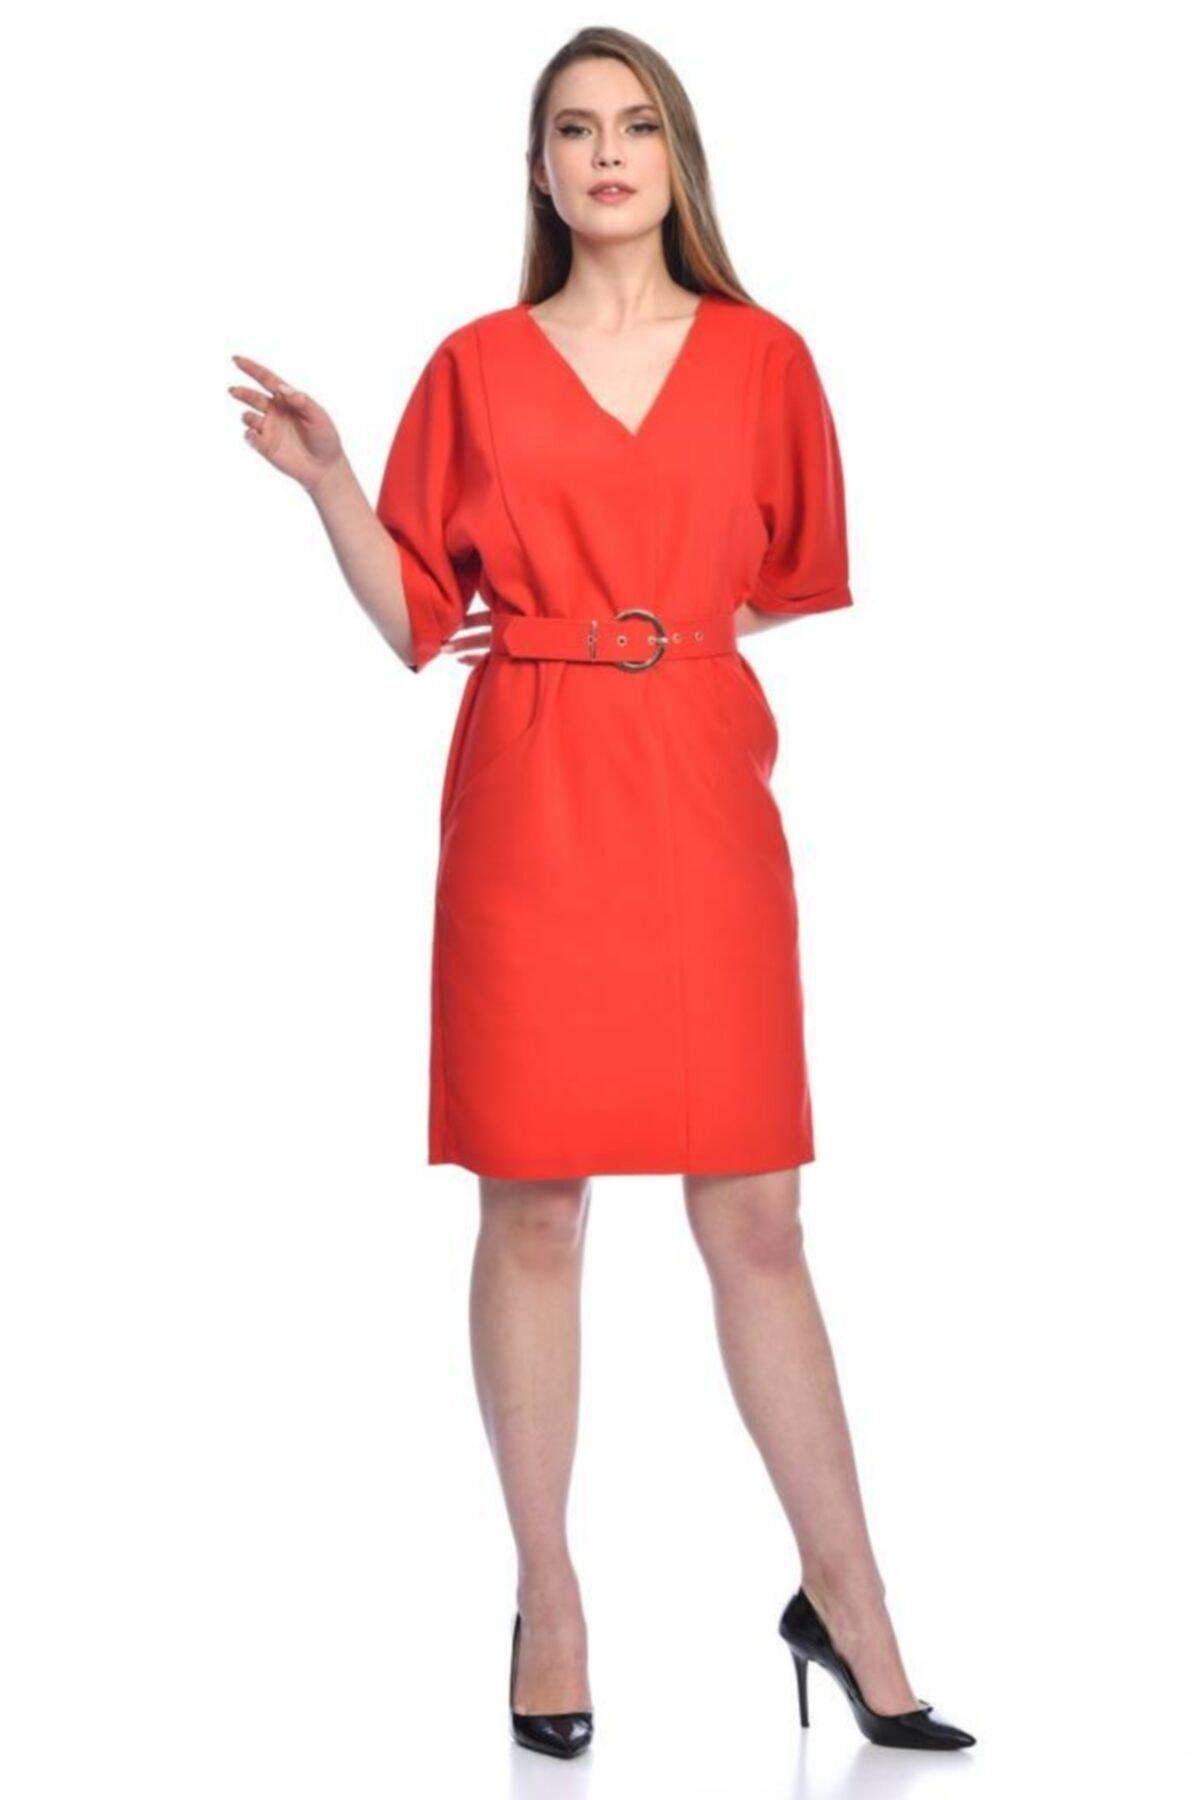 Modkofoni Kısa Kollu V Yaka Yandan Cepli Tokalı Ve Kemerli Kırmızı Elbise 2